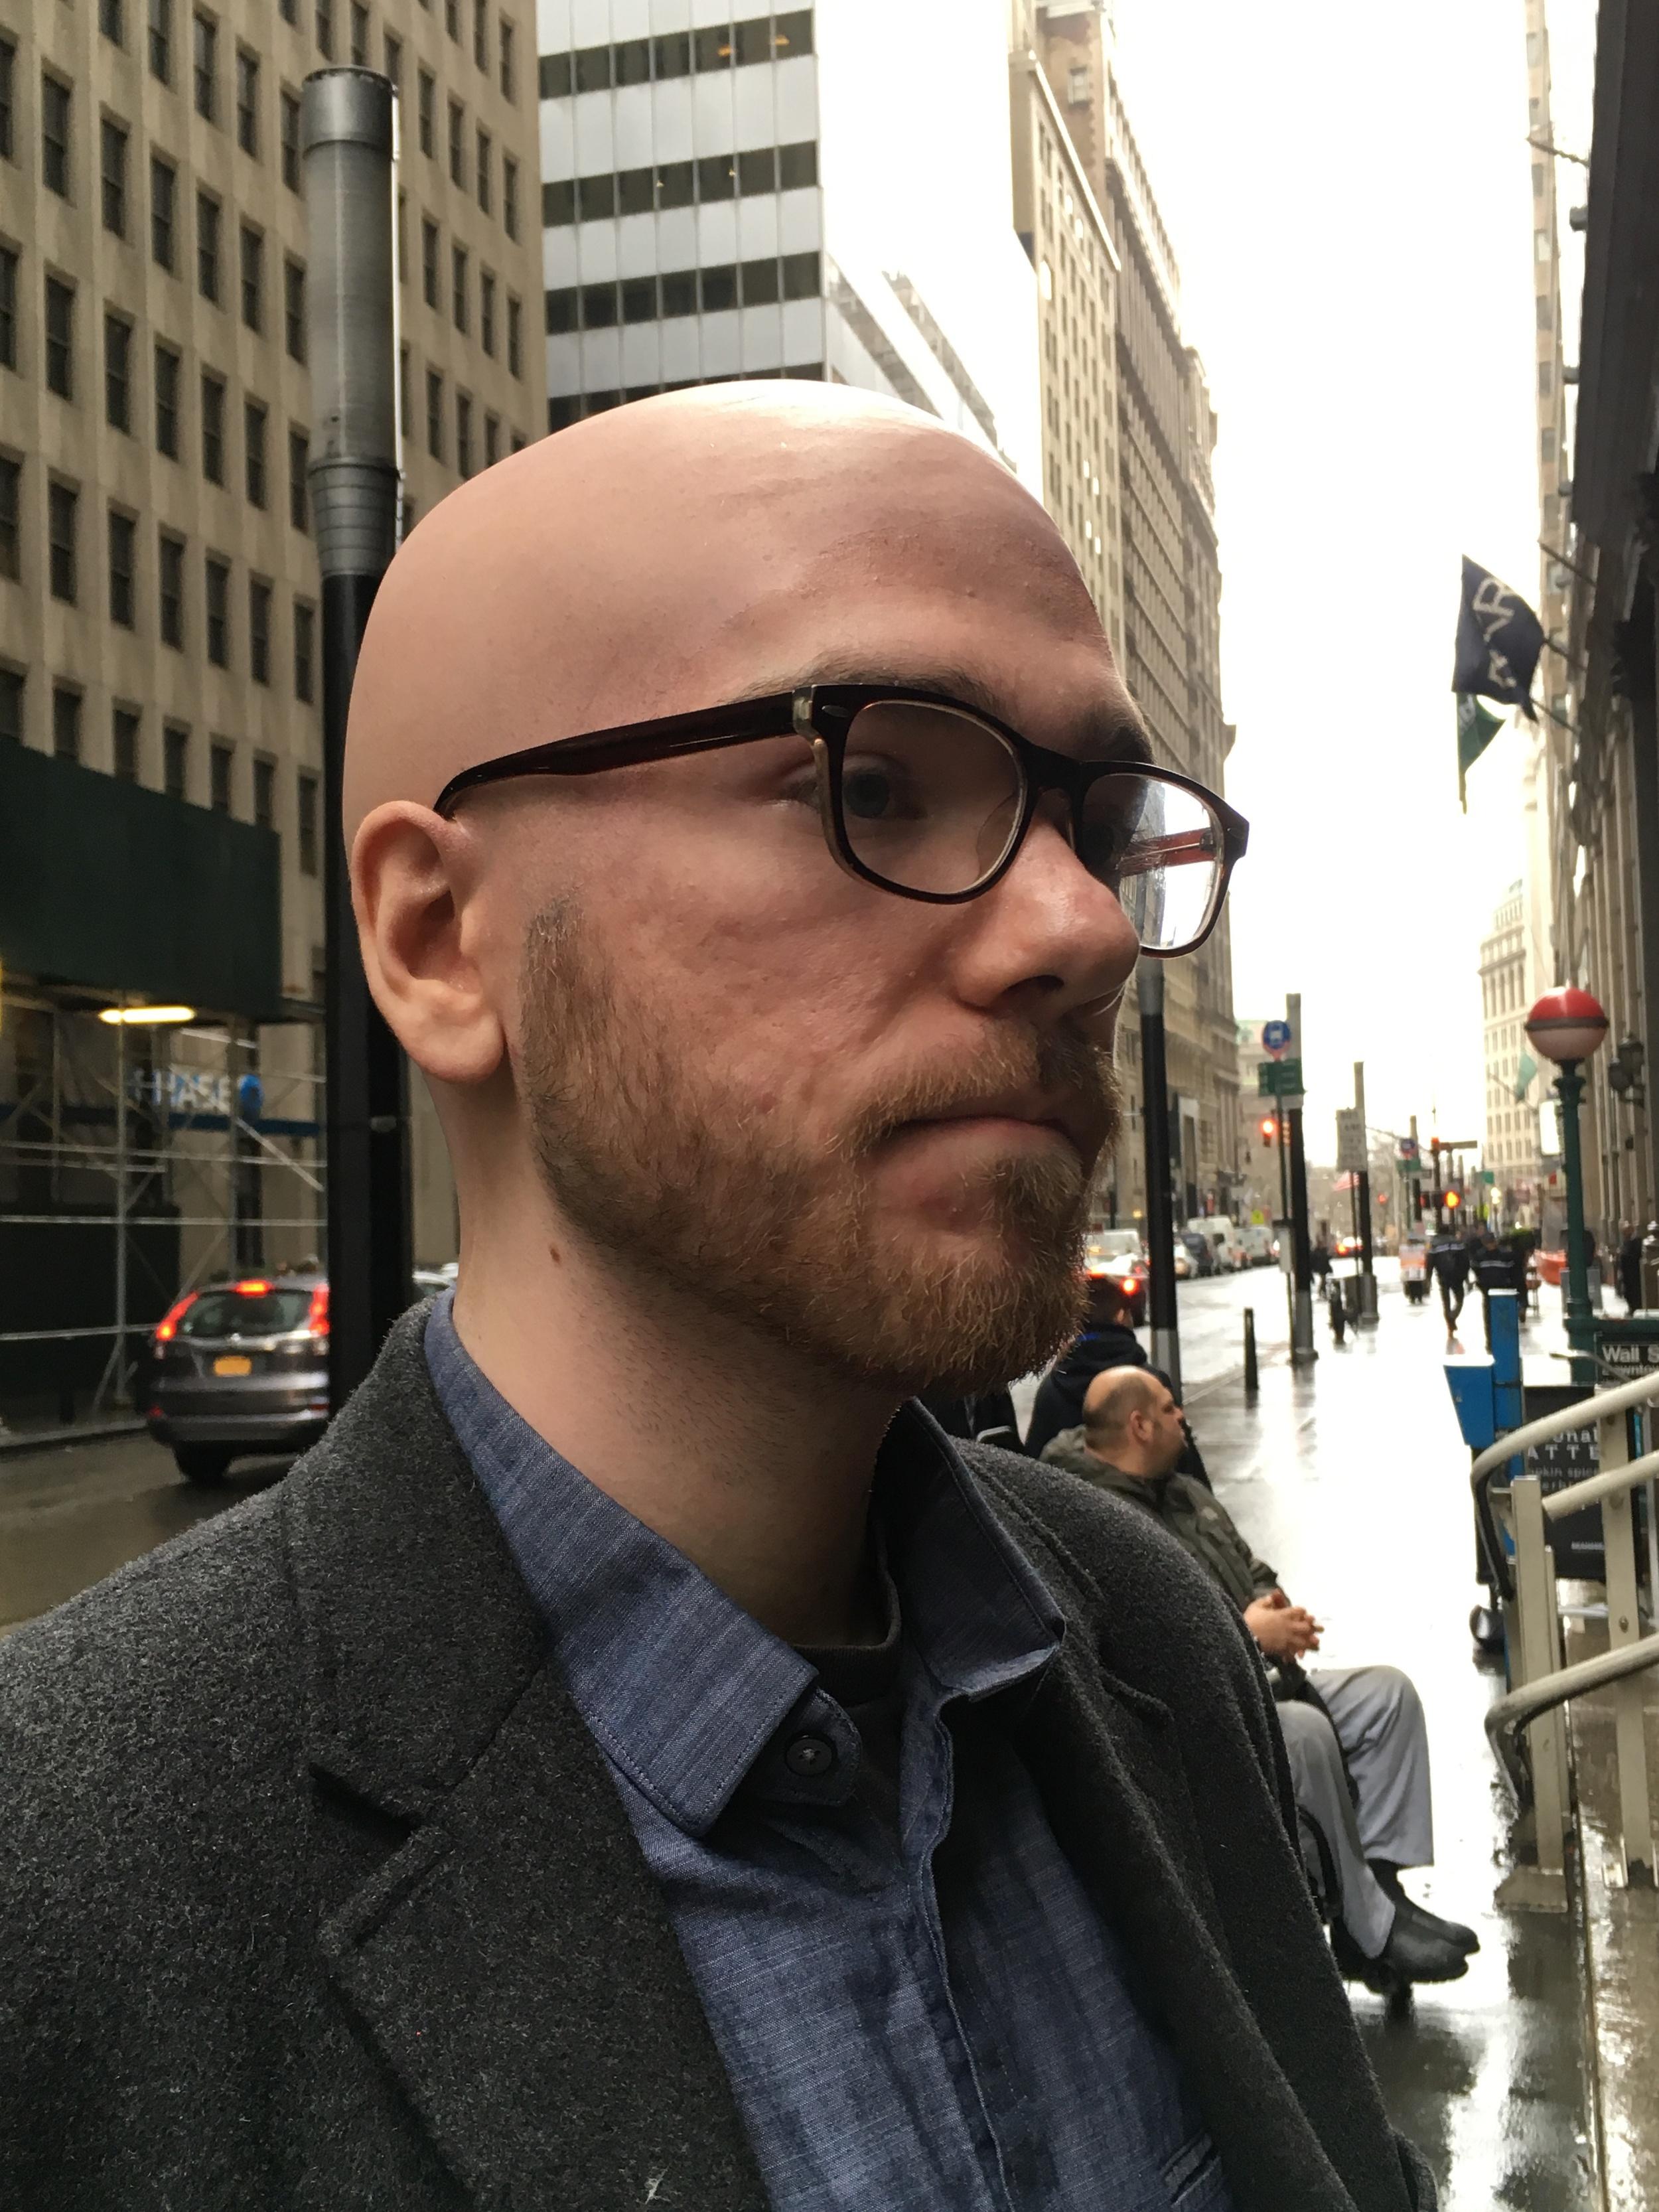 Bald cap application